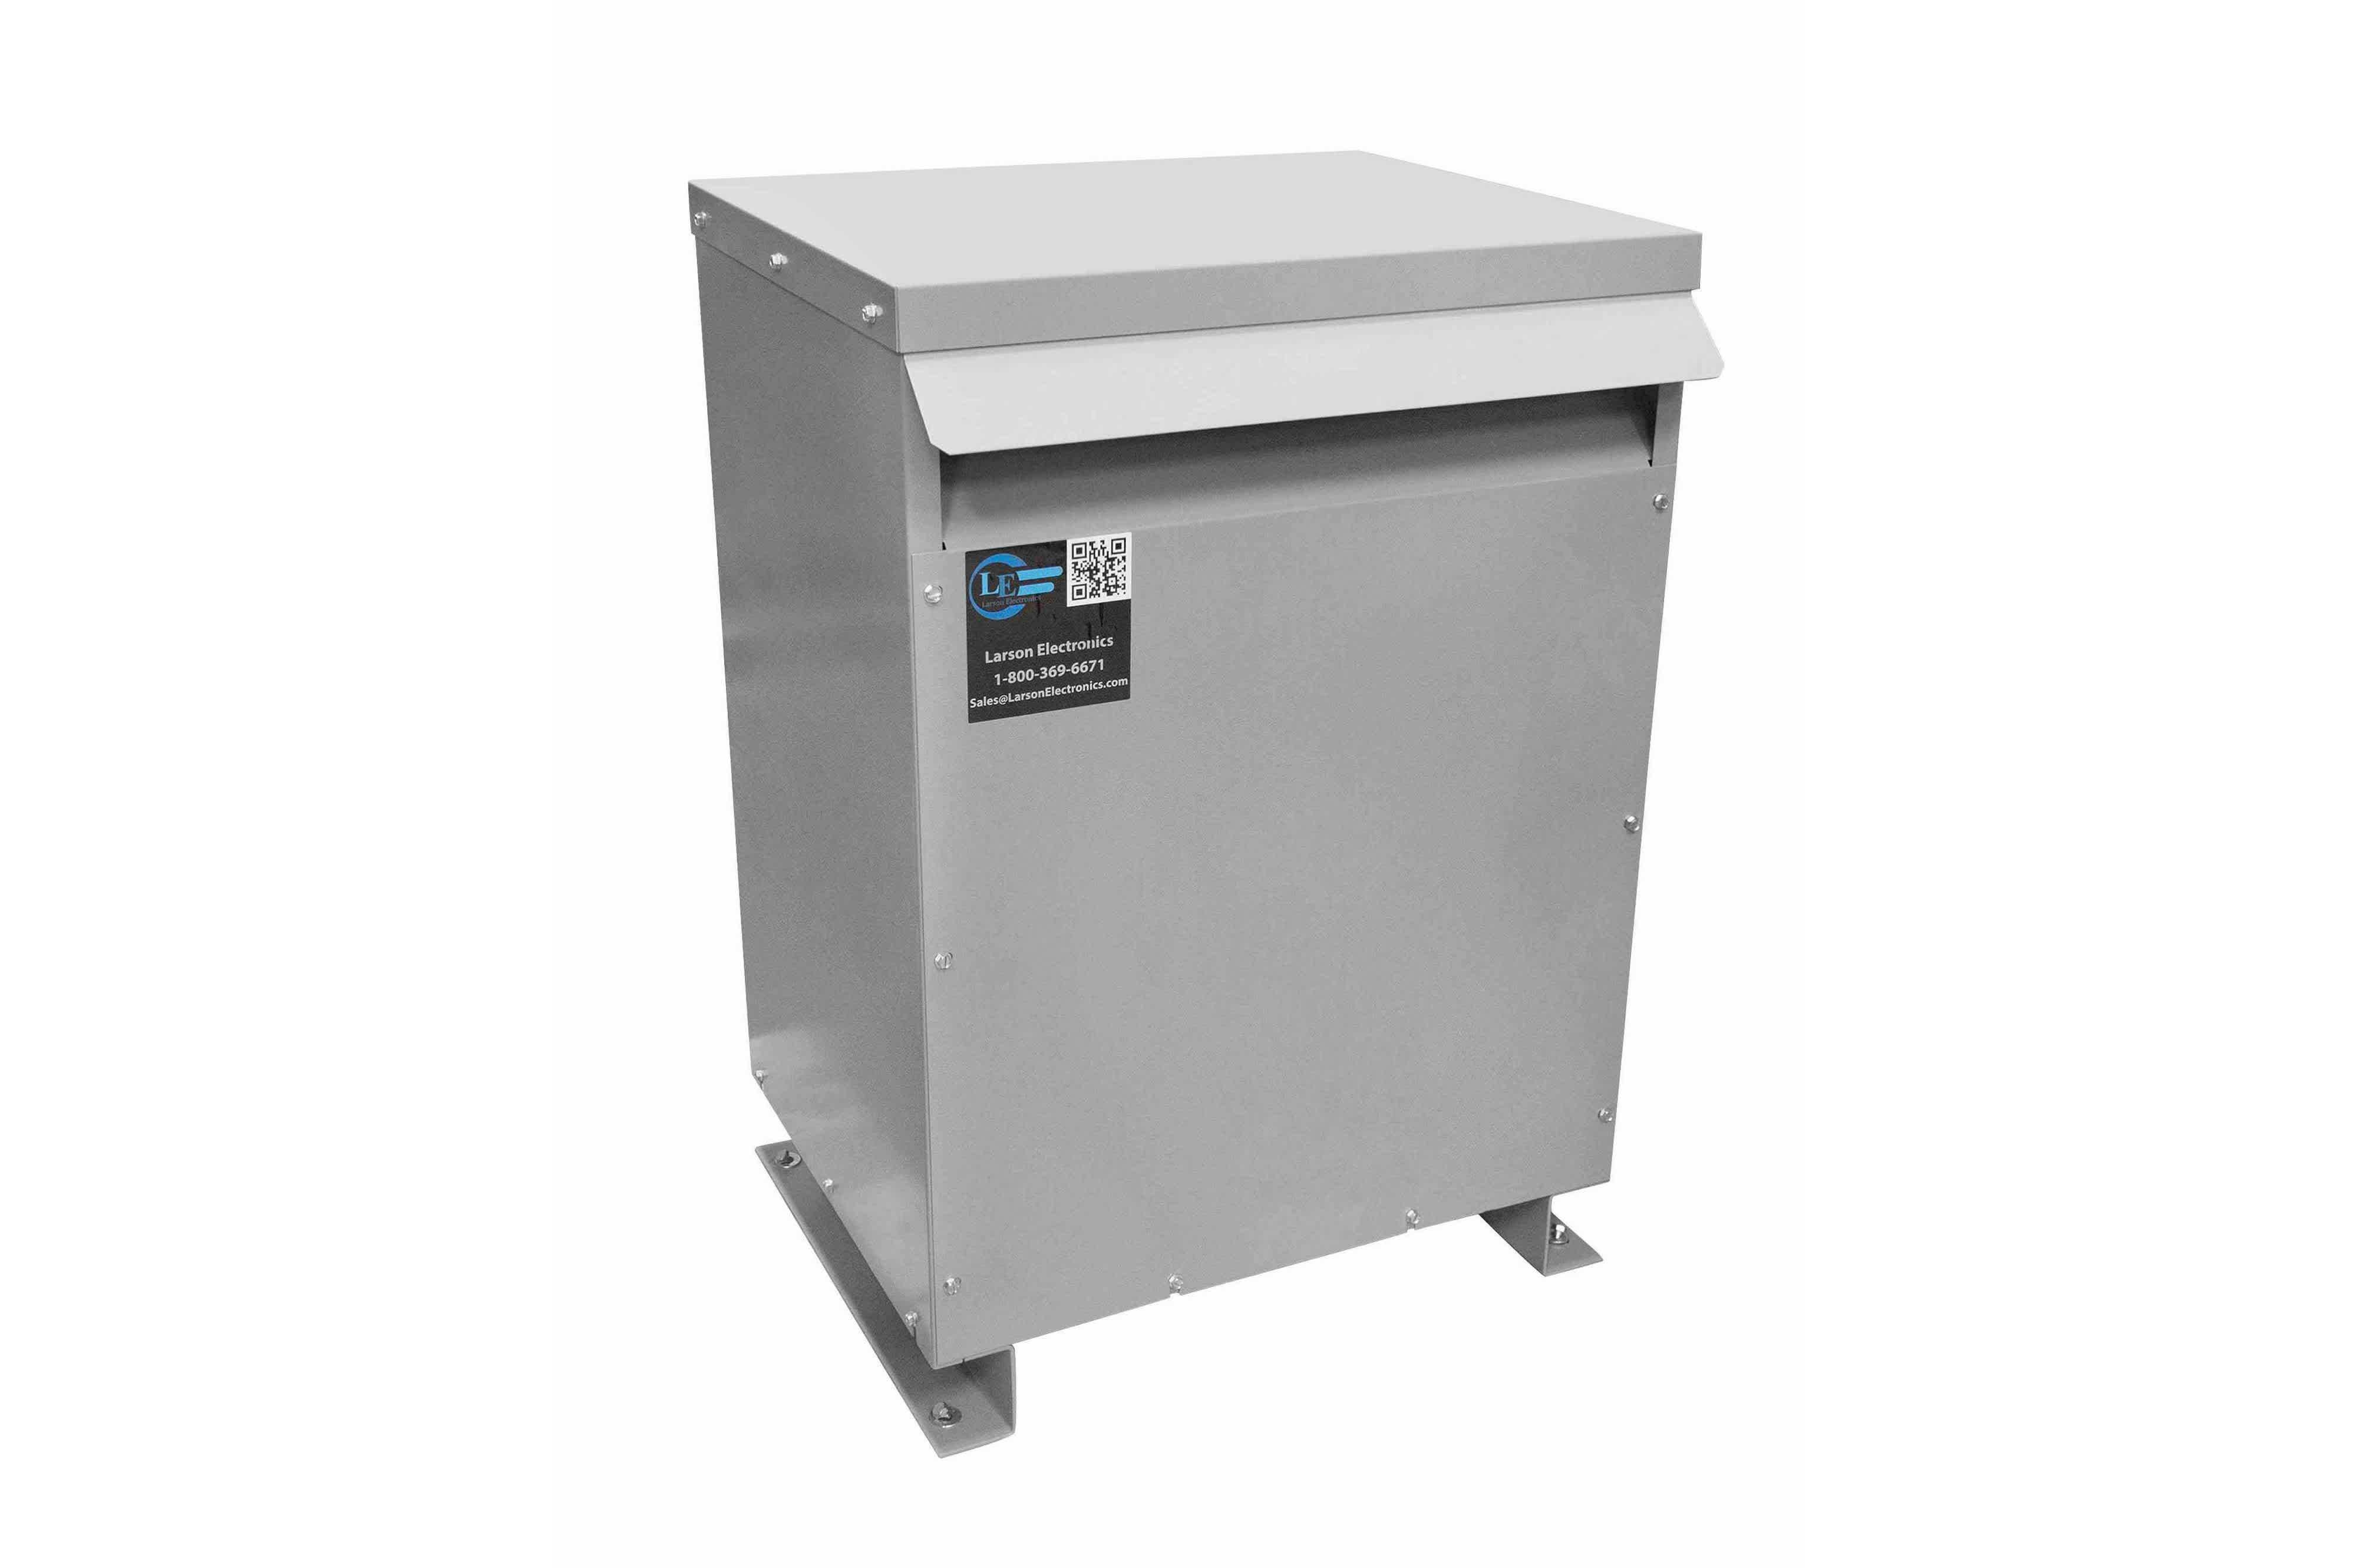 70 kVA 3PH Isolation Transformer, 440V Delta Primary, 240 Delta Secondary, N3R, Ventilated, 60 Hz